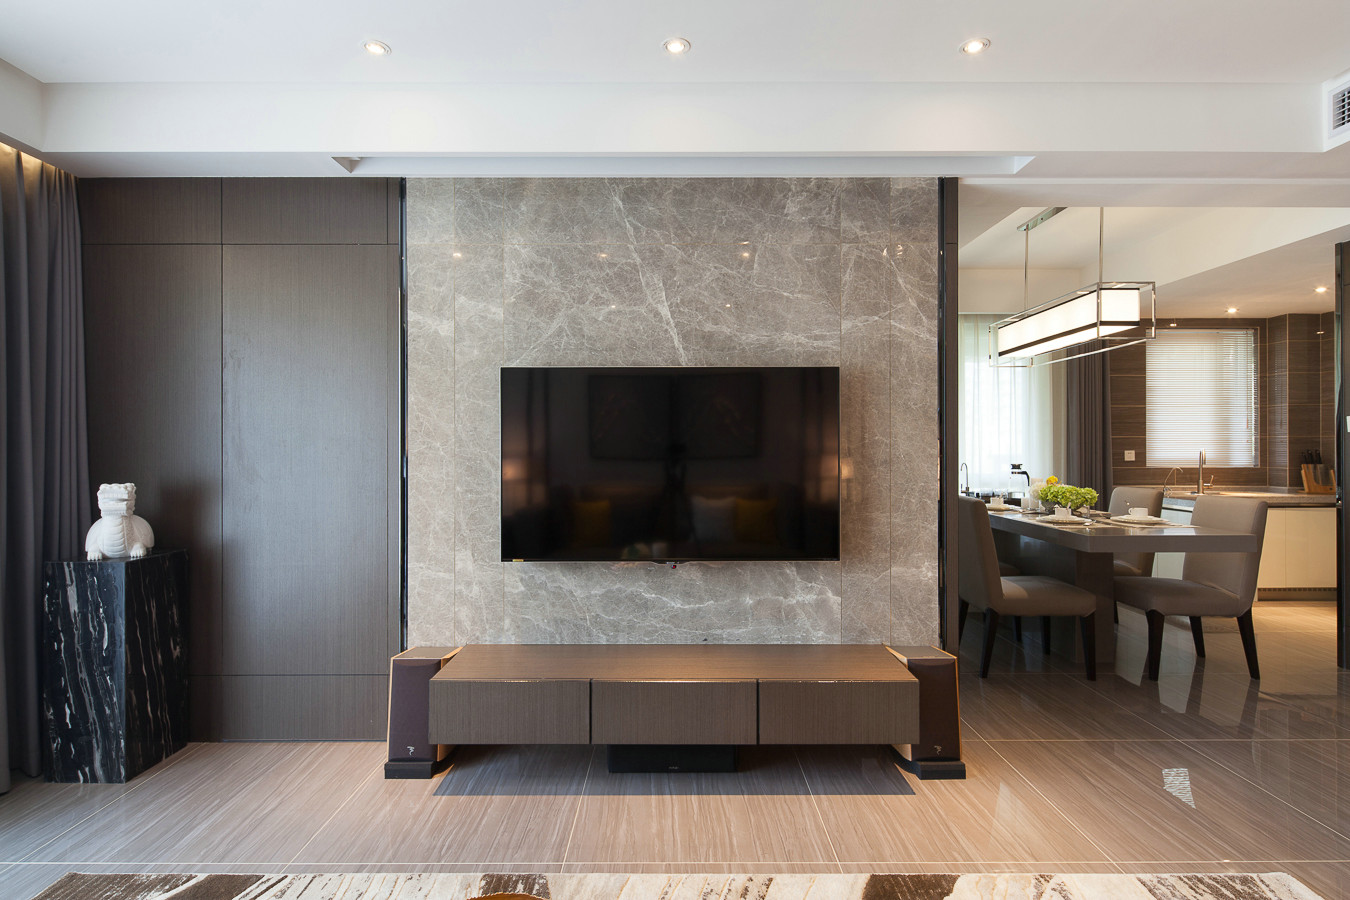 ▼电视背景墙采用灰色大理石并用黑色不锈钢收边,低调,沉稳又内敛,靠